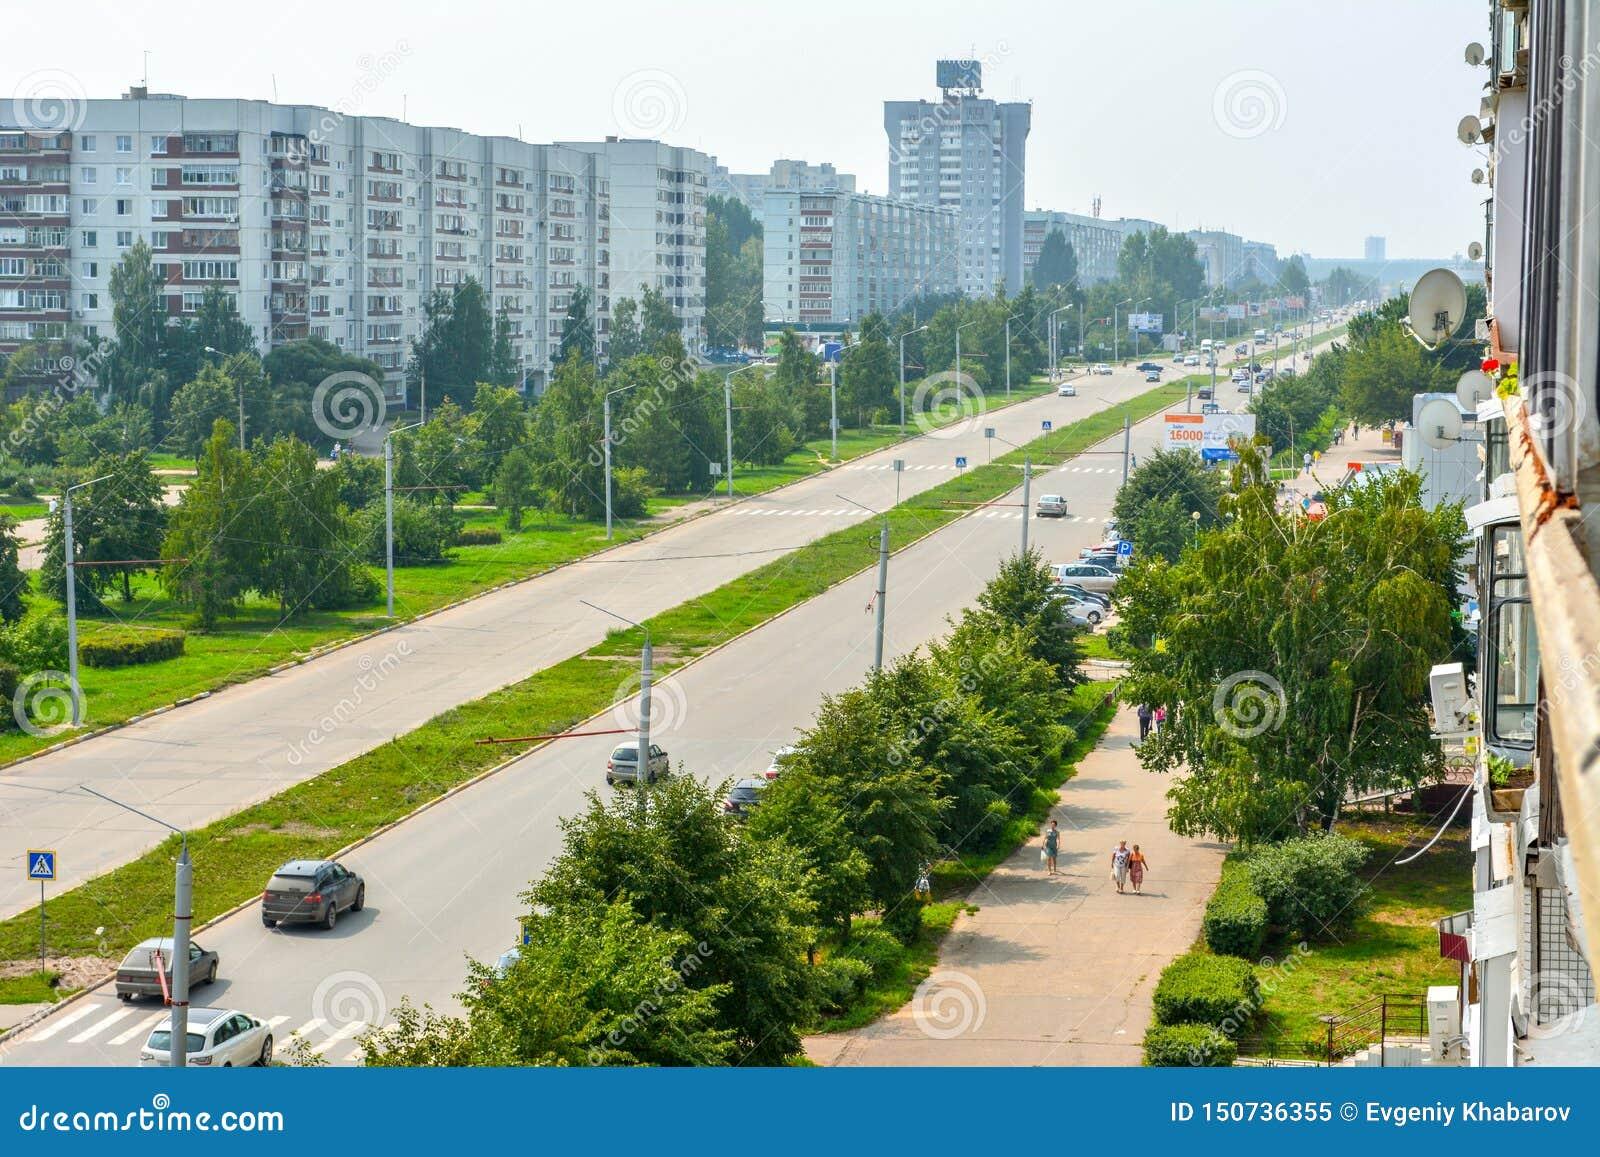 Une rue verte spacieuse dans le secteur de la ville nouvelle ulyanovsk